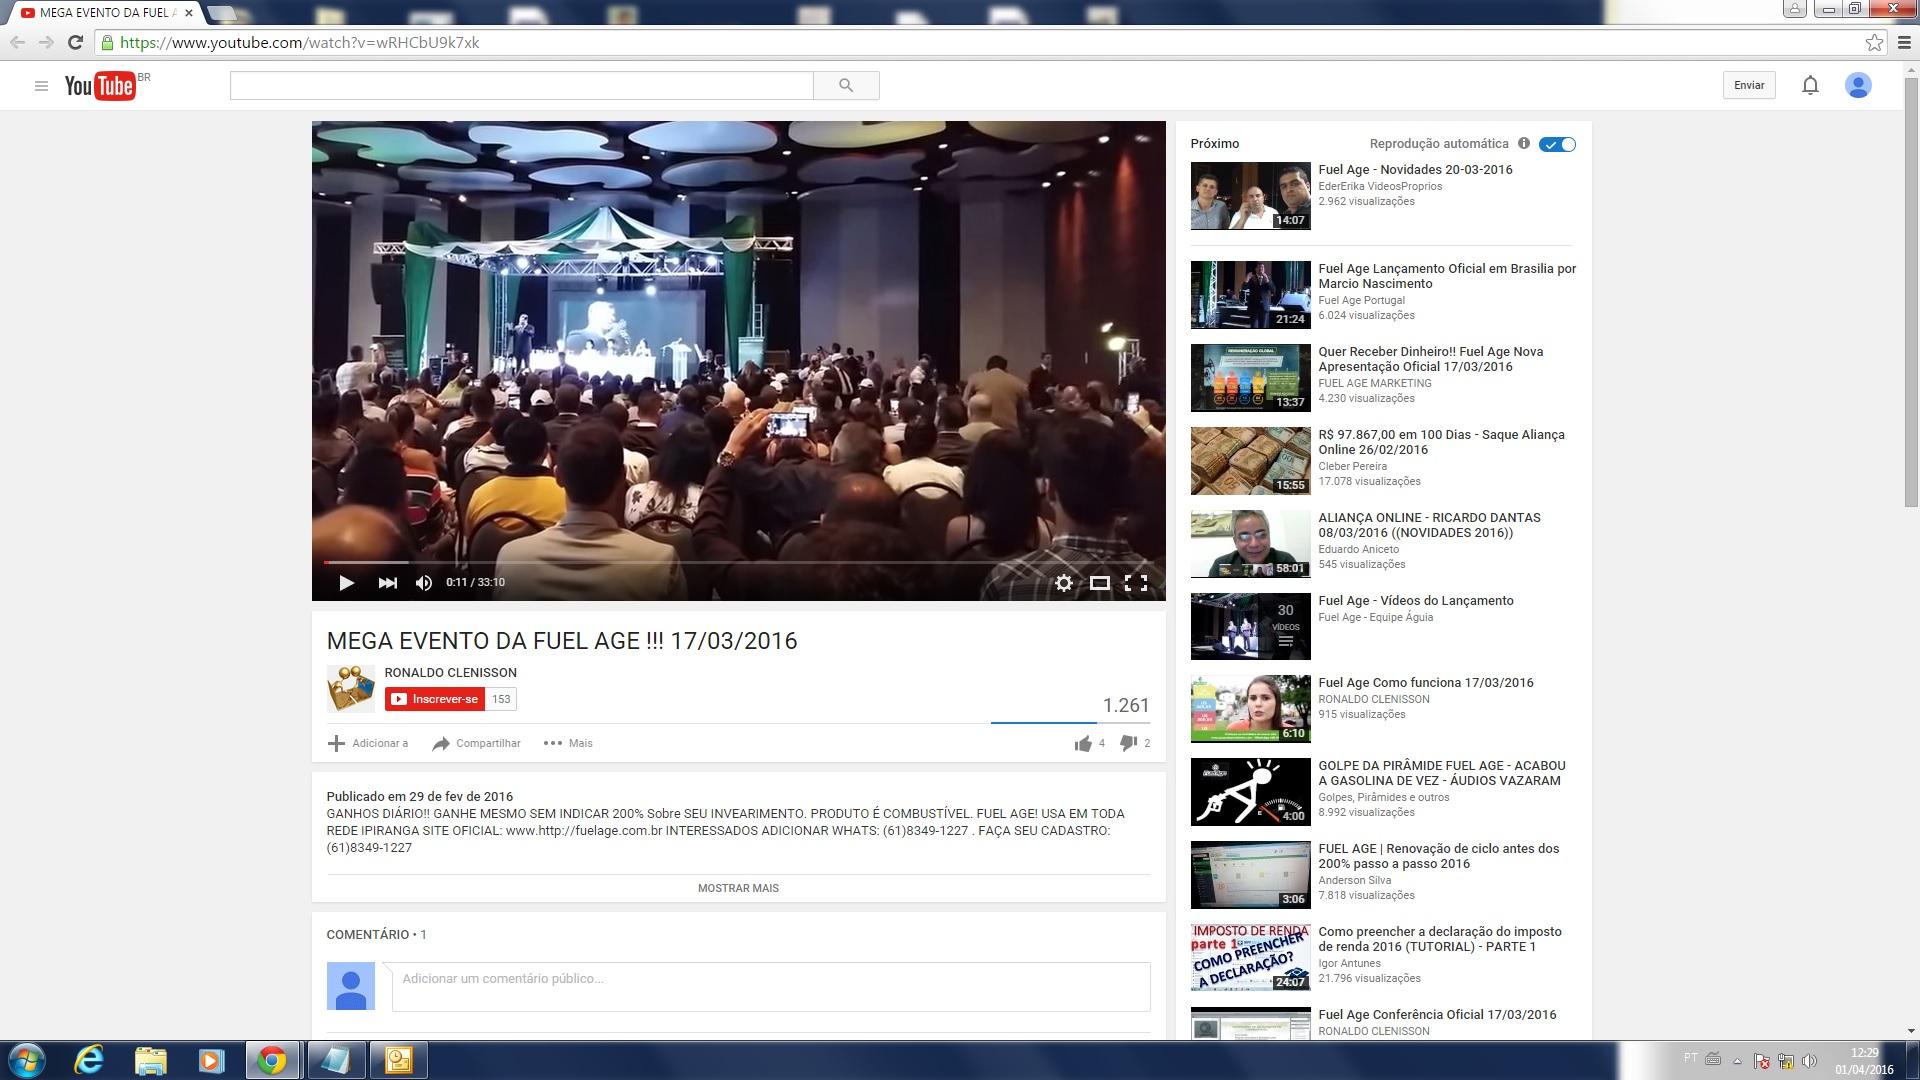 Vídeo mostra evento em Brasília